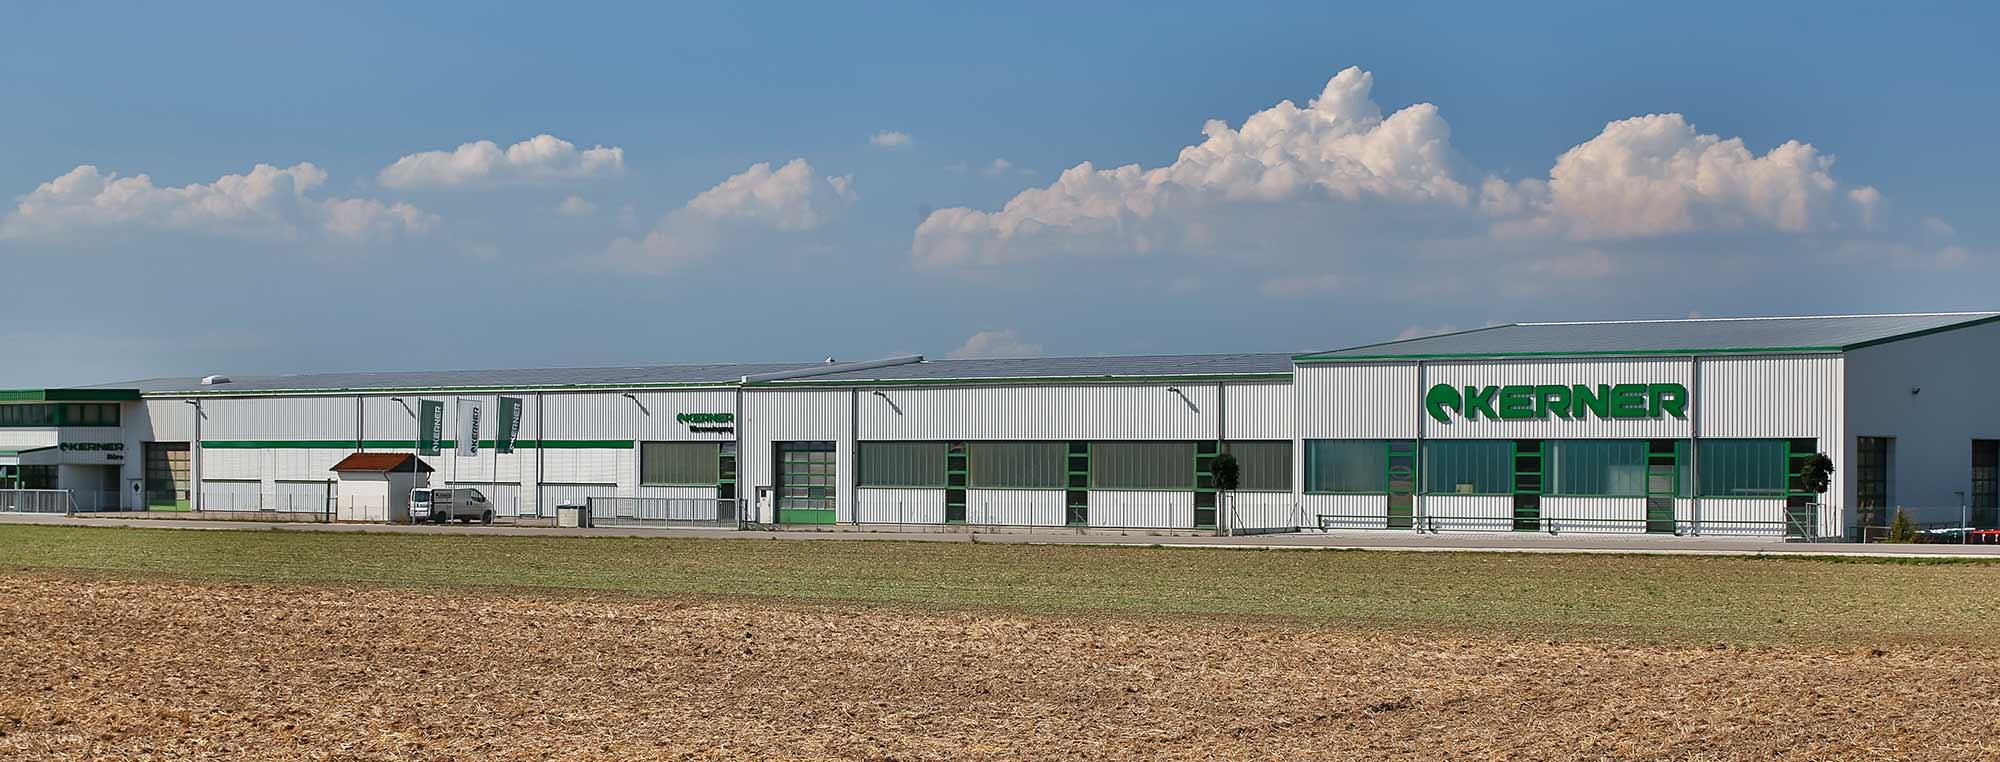 Montagehalle der Kerner Maschinenbau GmbH in Aislingen vom Bauunternehmen bendl